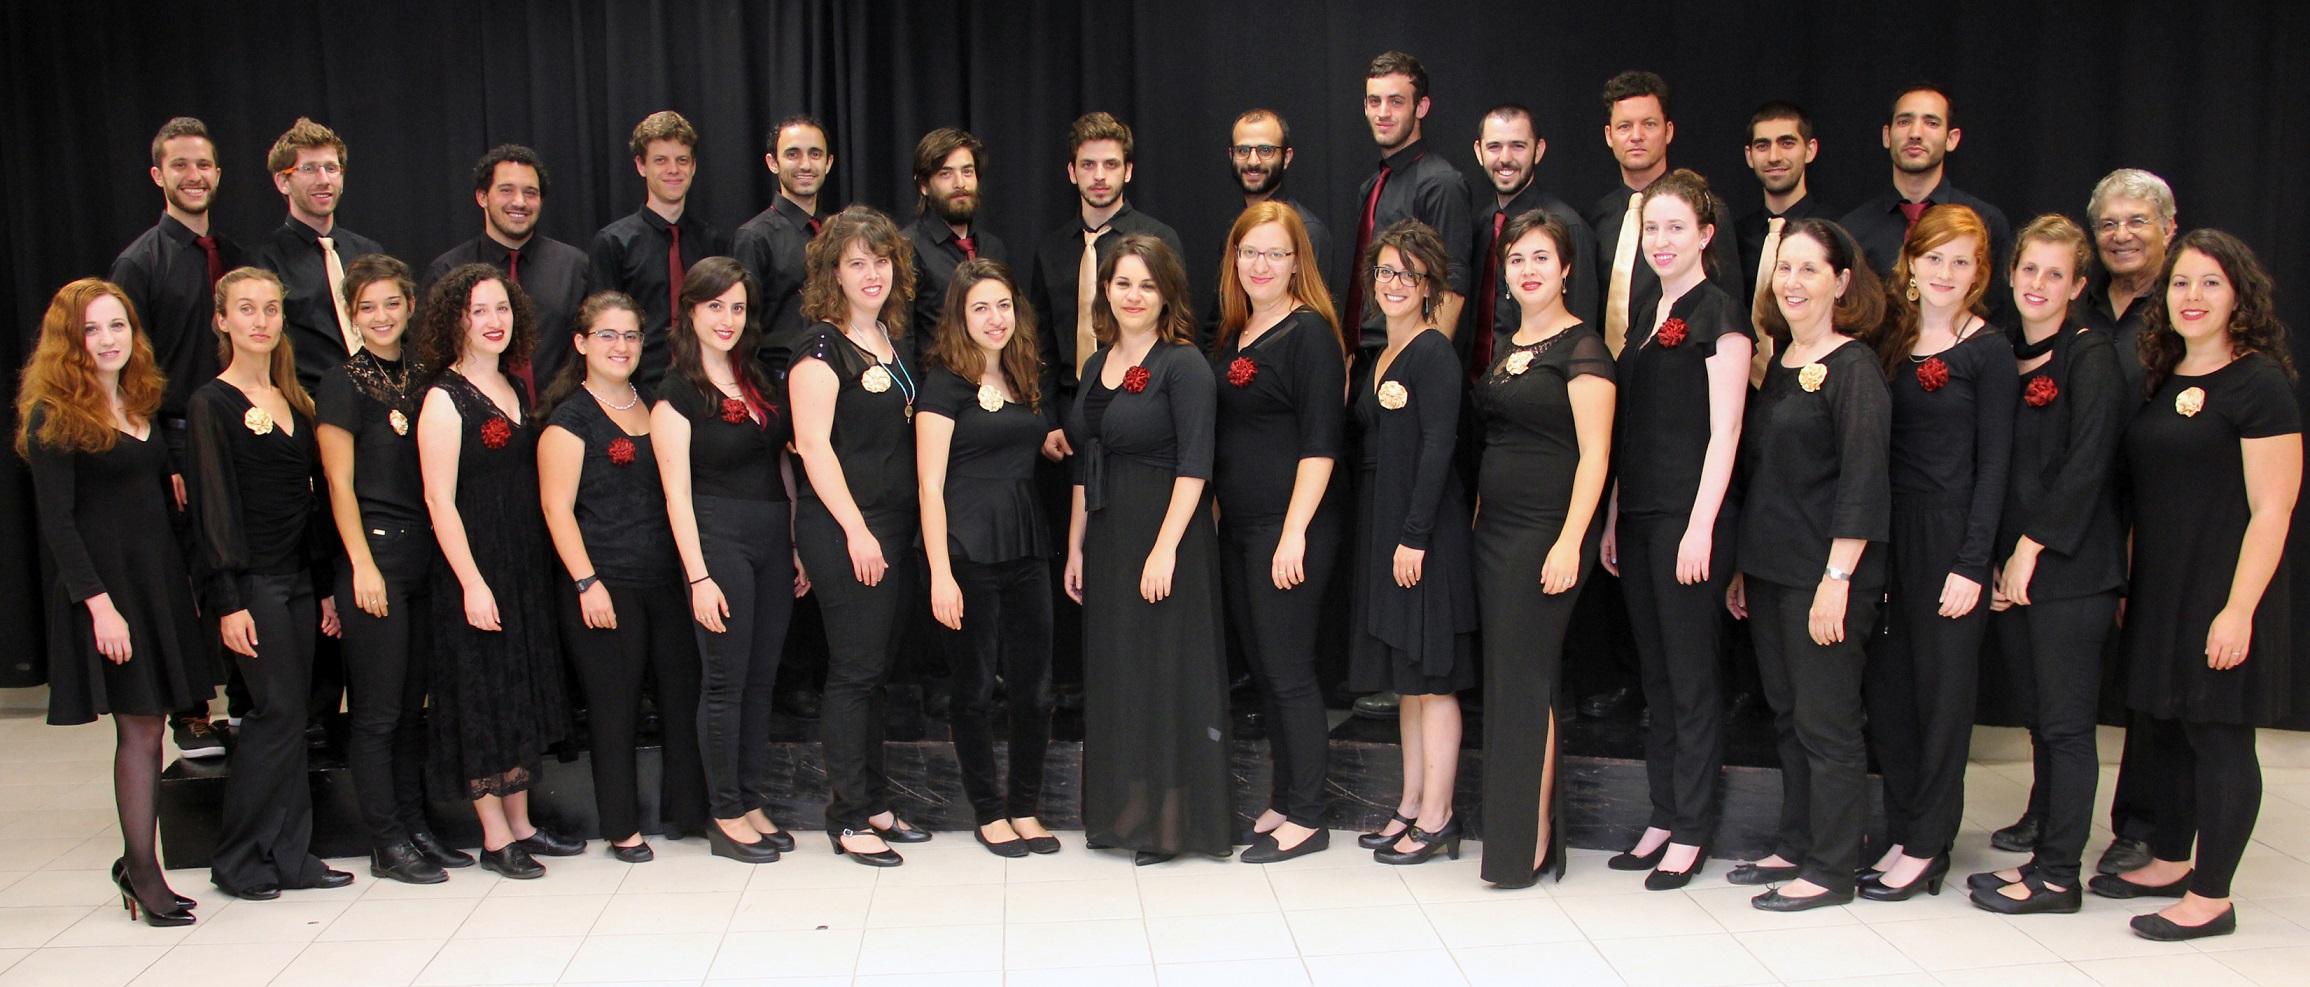 Камерный хор при Академии музыки и танца в Иерусалиме. Фото Йонатан Дрор